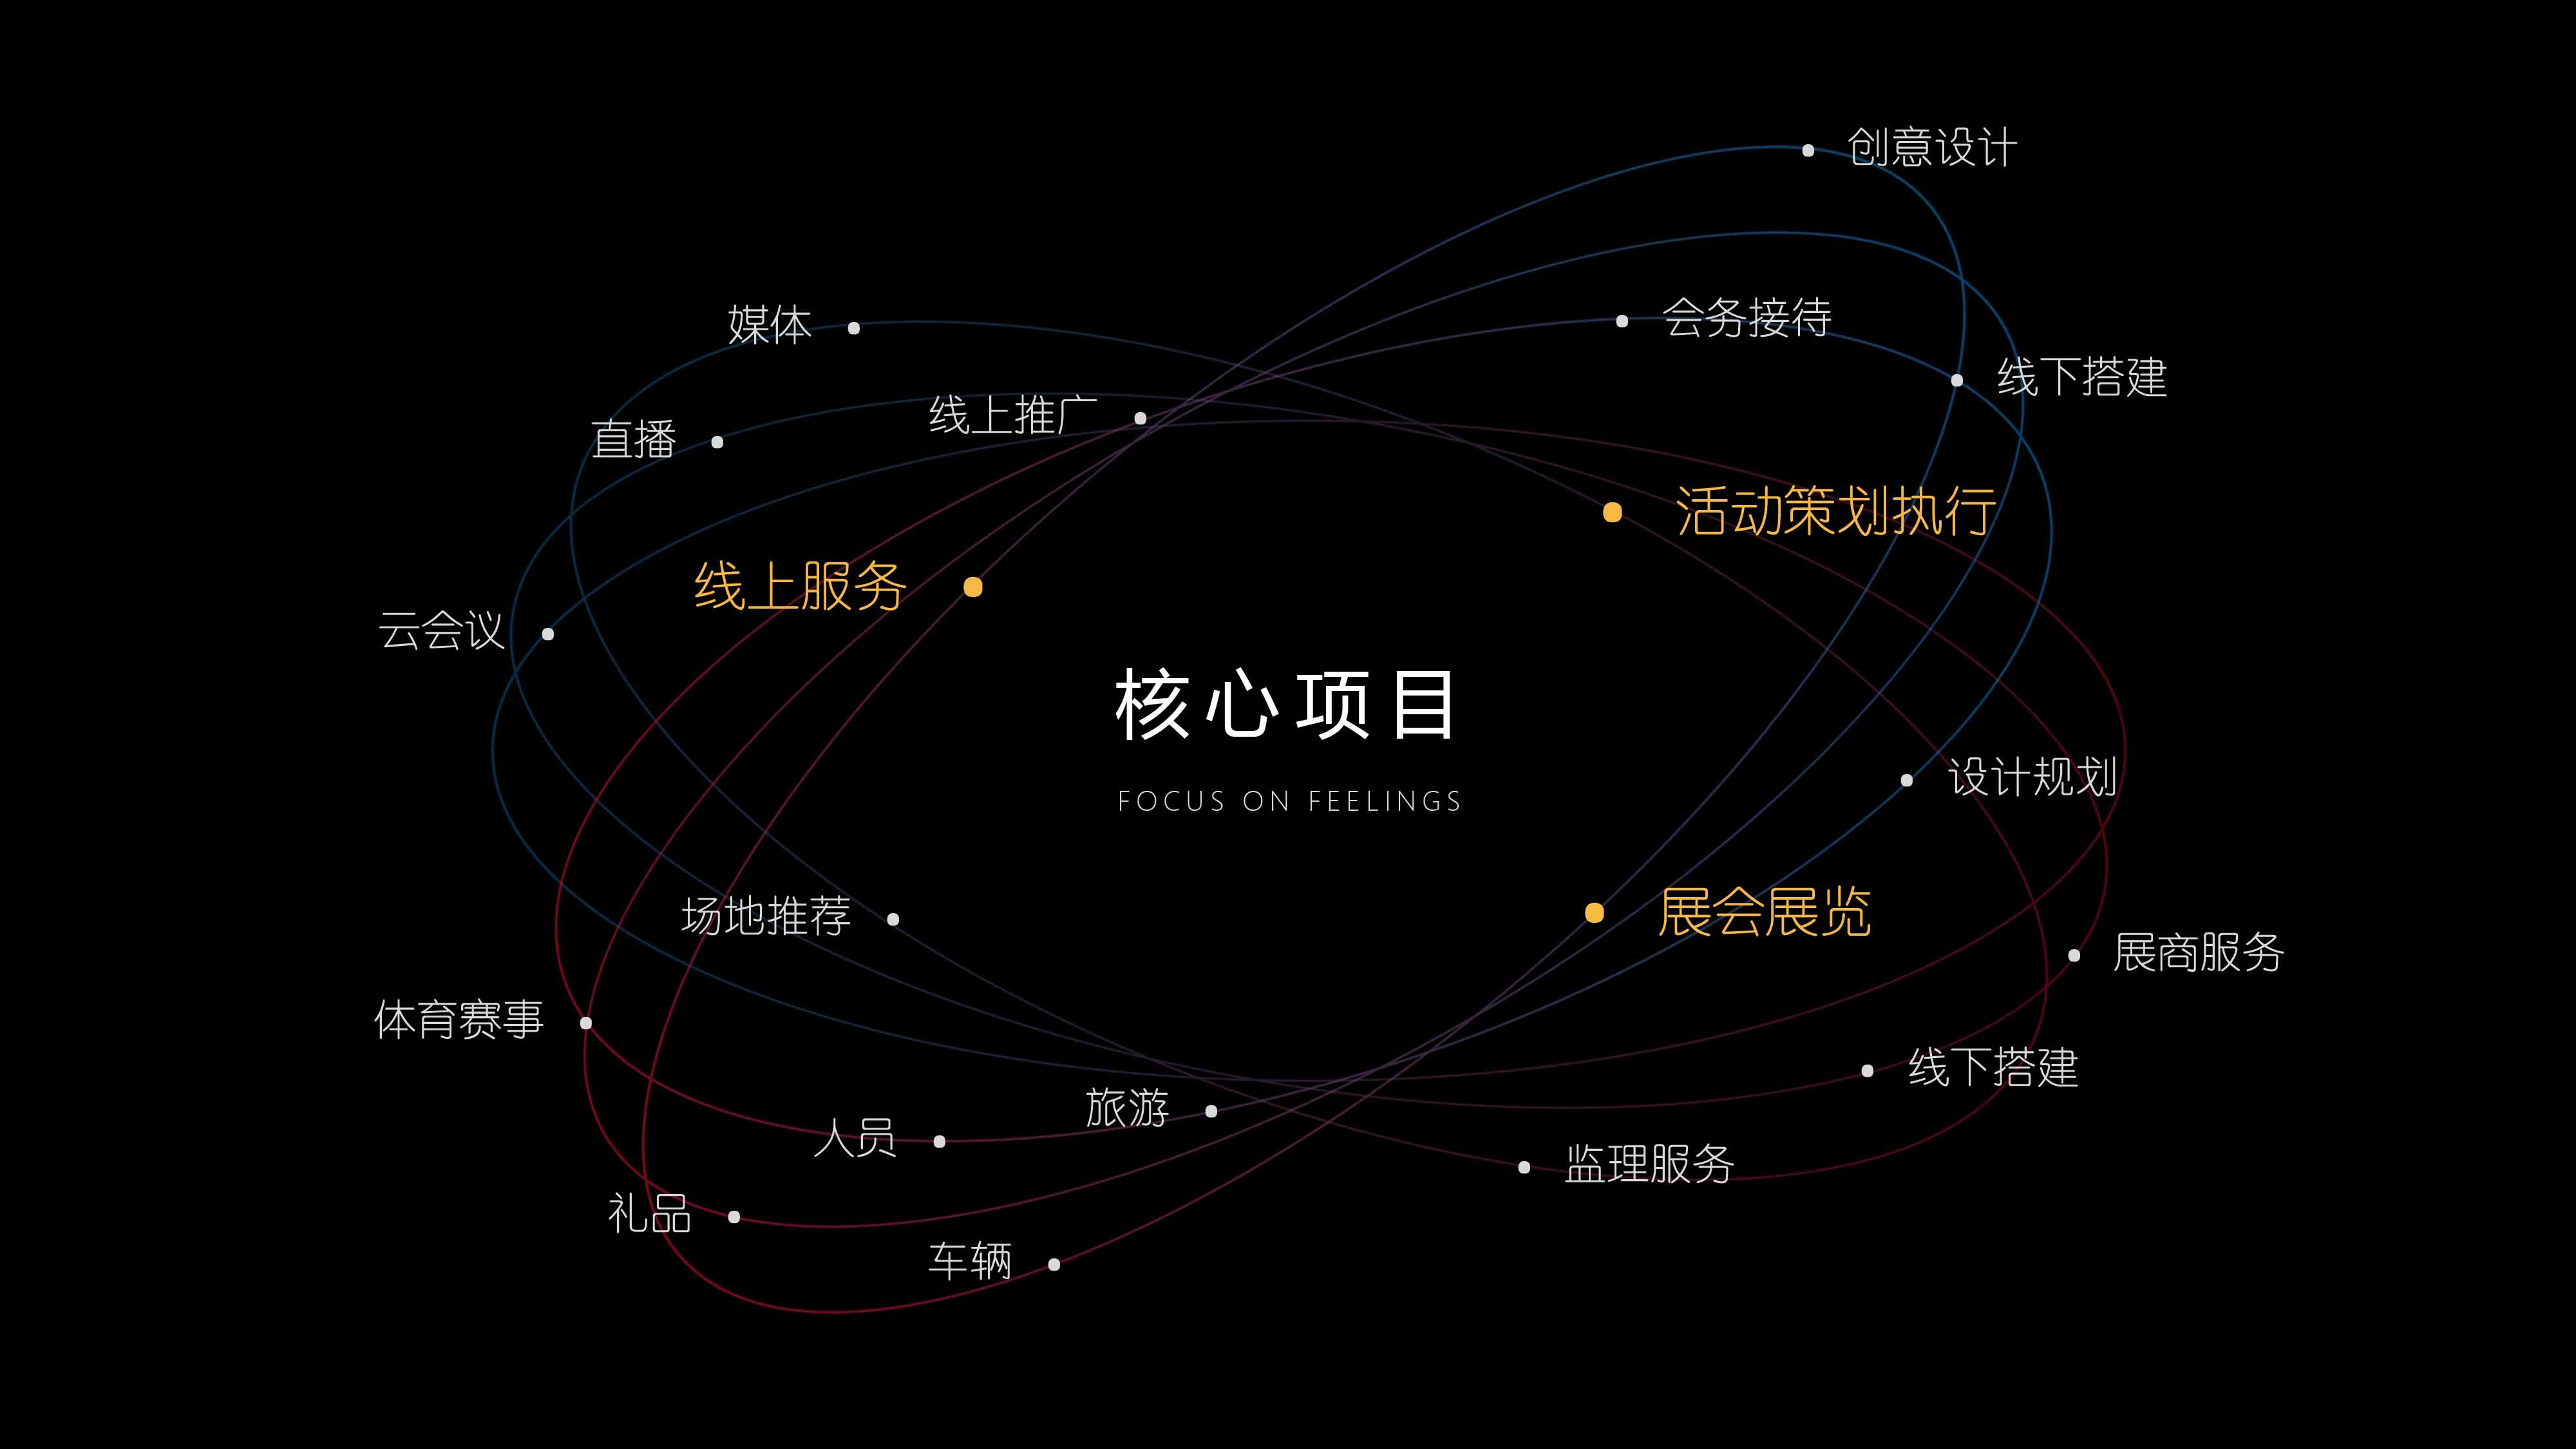 杭州伍方会议服务有限公司核心服务项目